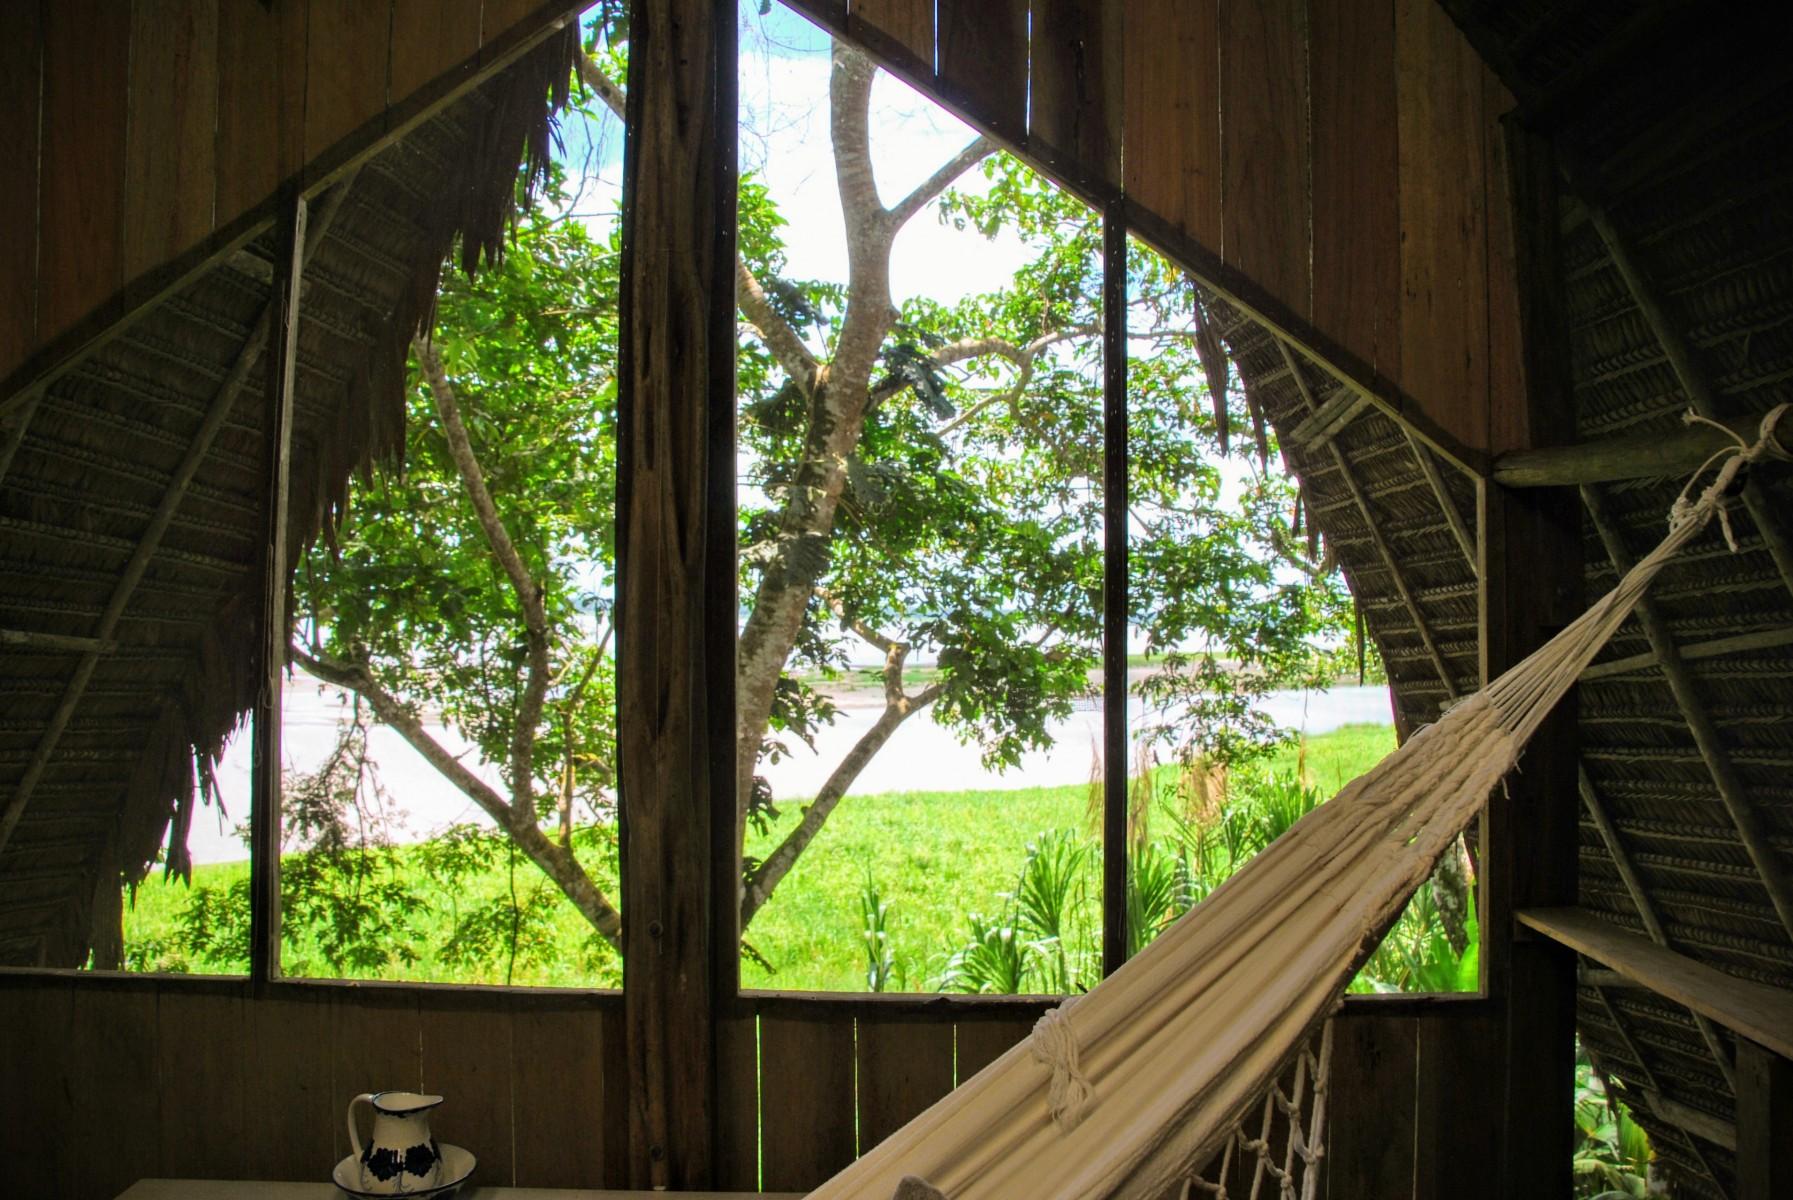 Amazonka (Calanoa)